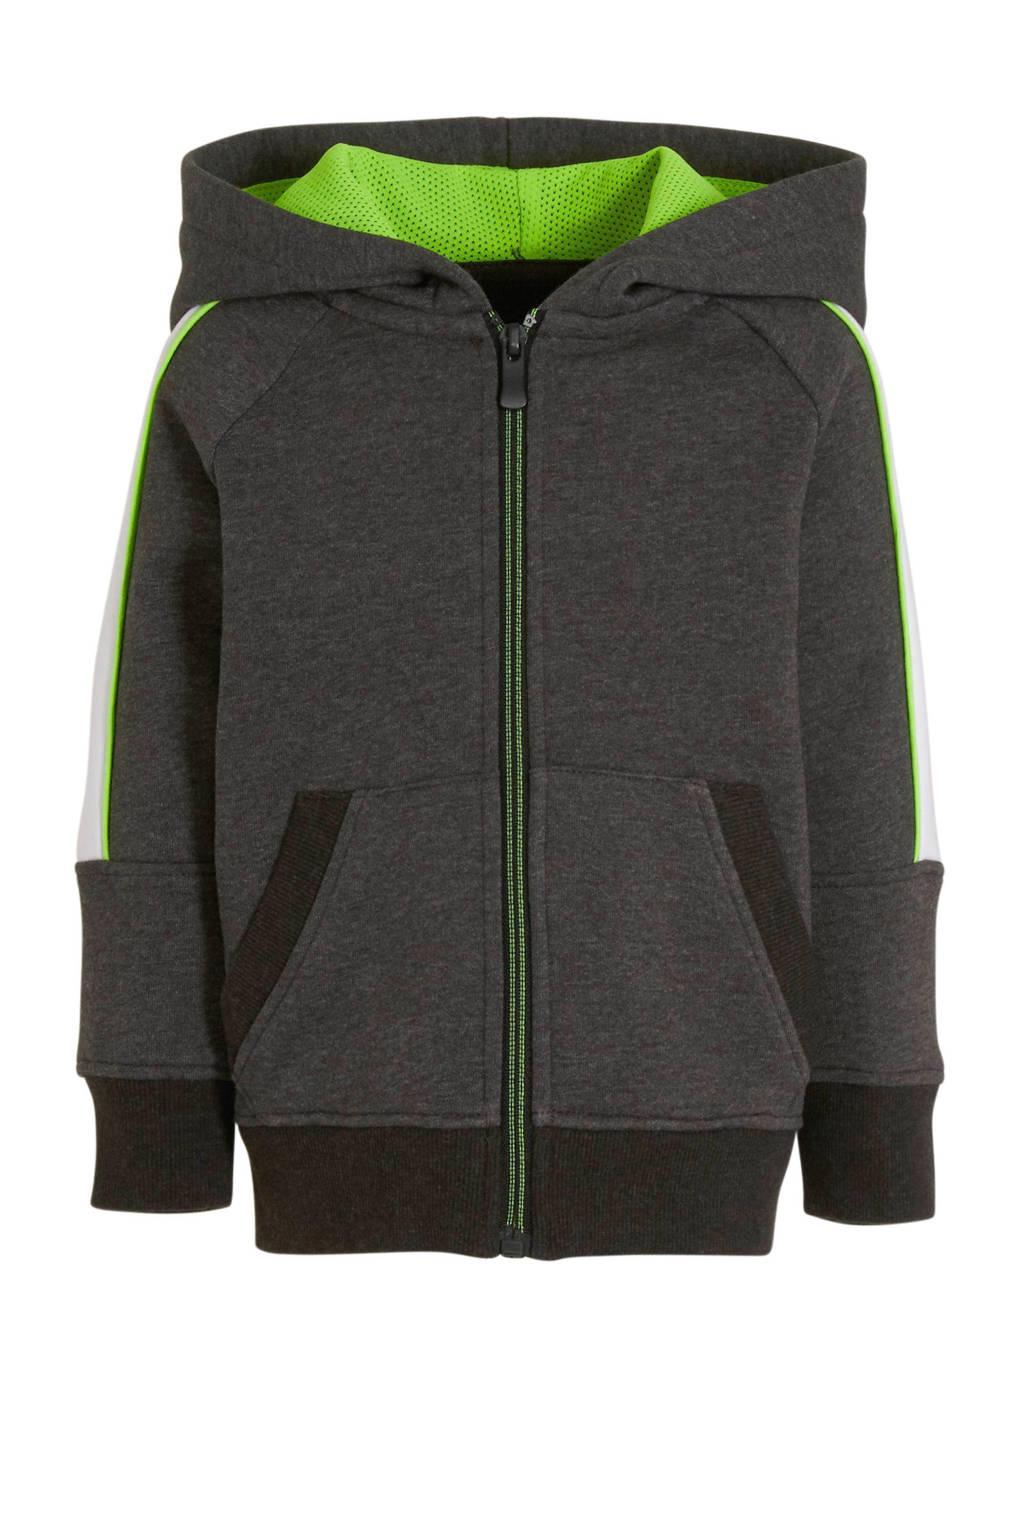 C&A Palomino vest met contrastbies antraciet/wit/groen, Antraciet/Wit/Groen